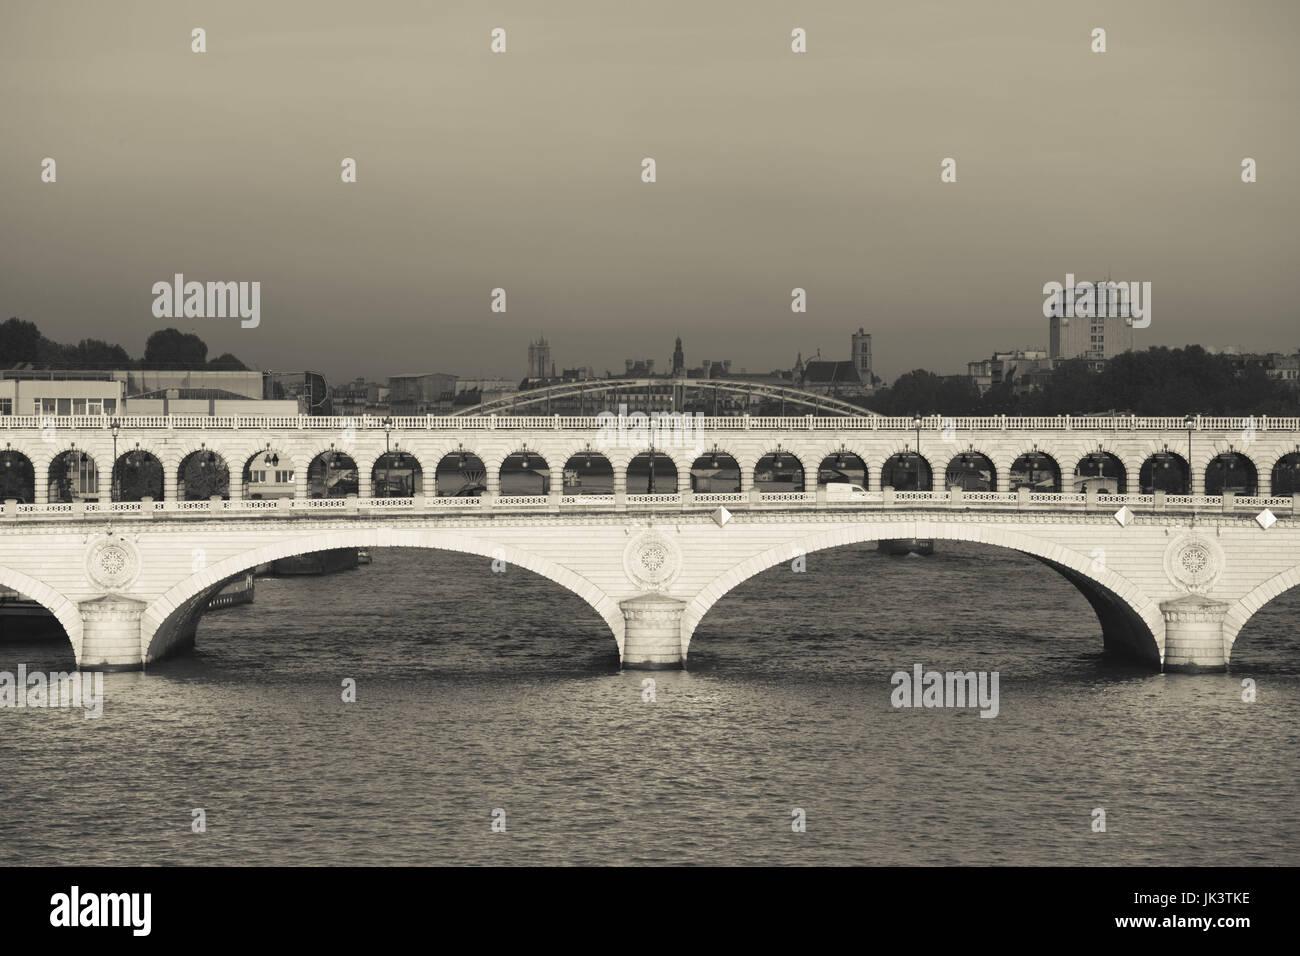 France, Paris, Pont de Bercy bridge, morning - Stock Image